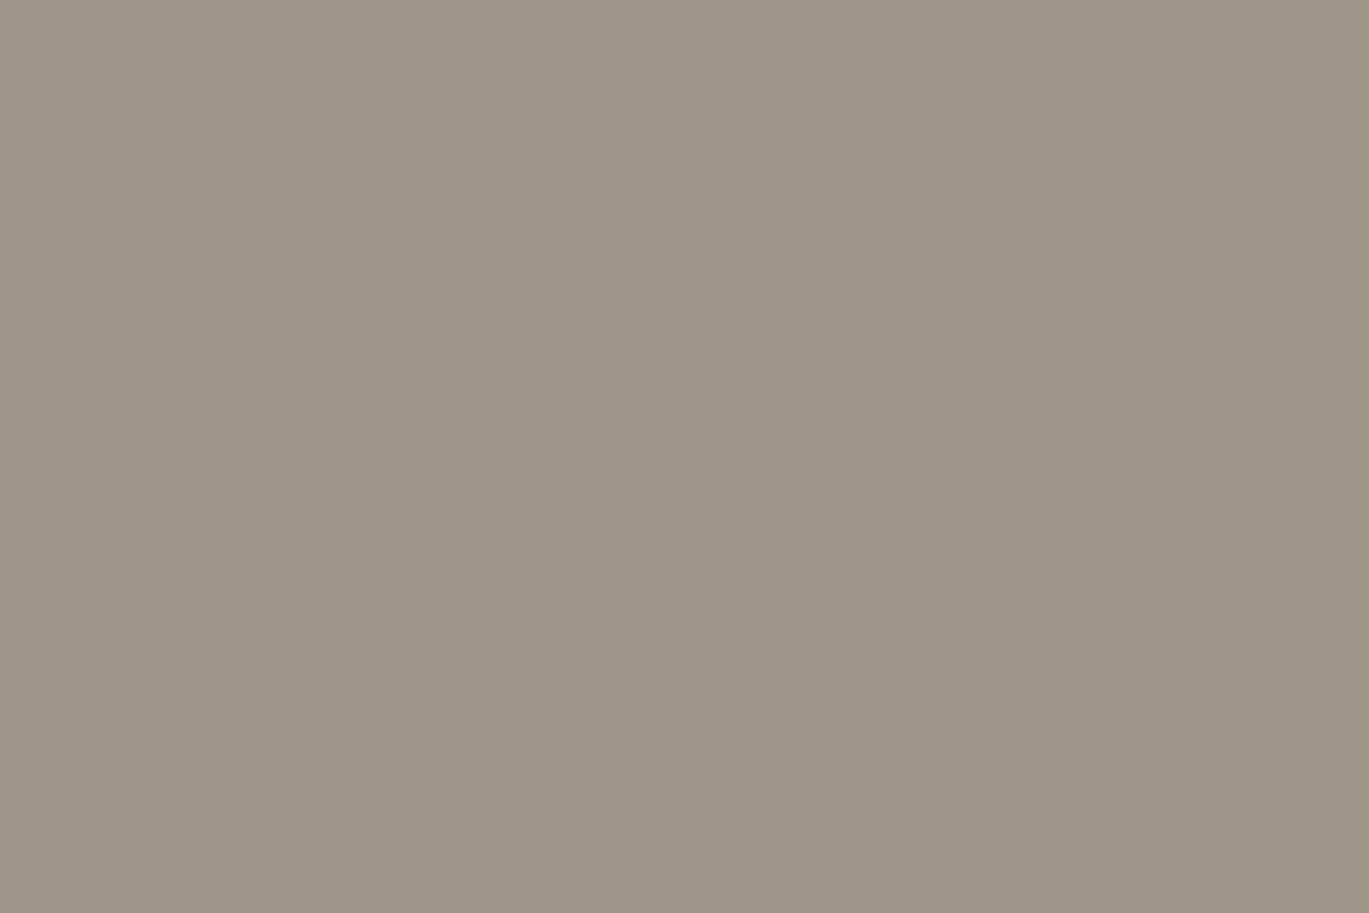 519055.average - Народный промысел родного края